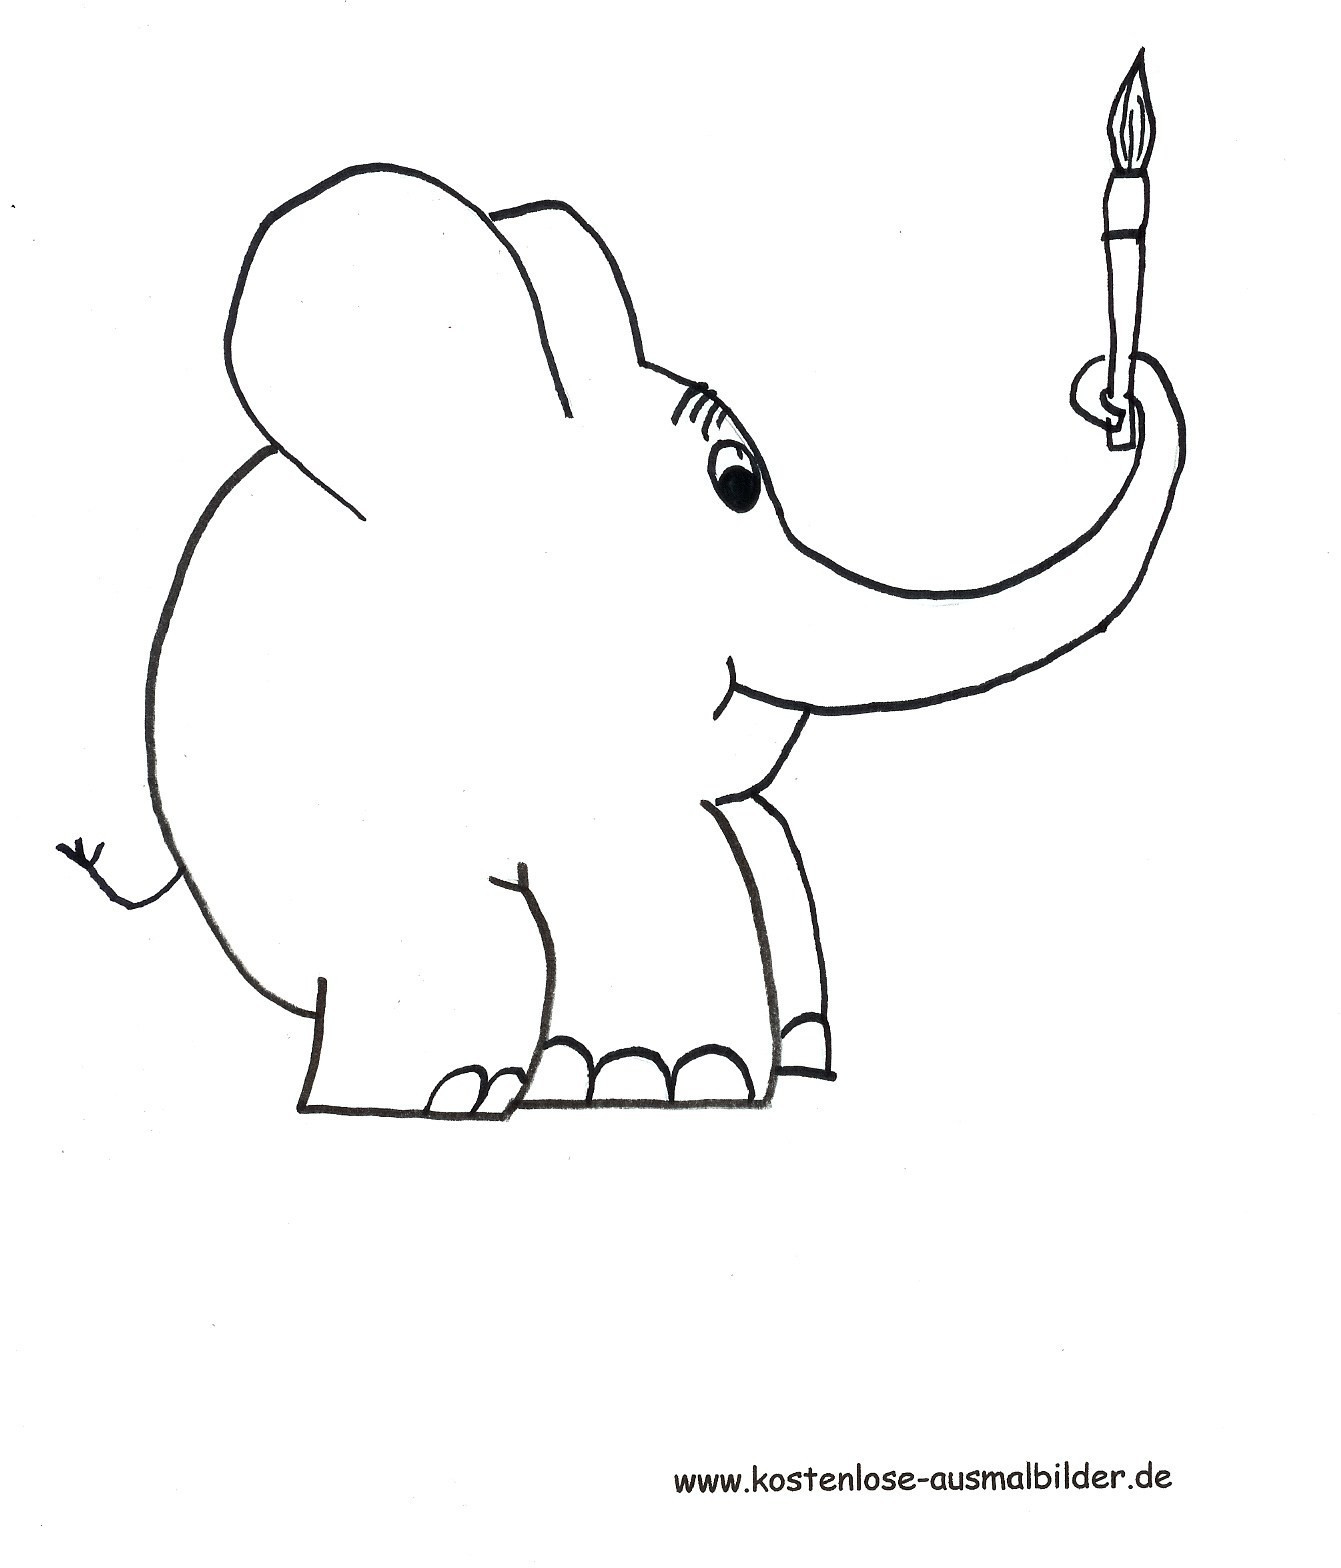 Elefant Zum Ausdrucken Neu Elefanten Ausdrucke Wundersame 40 Ausmalbilder Elefant Zum Bild